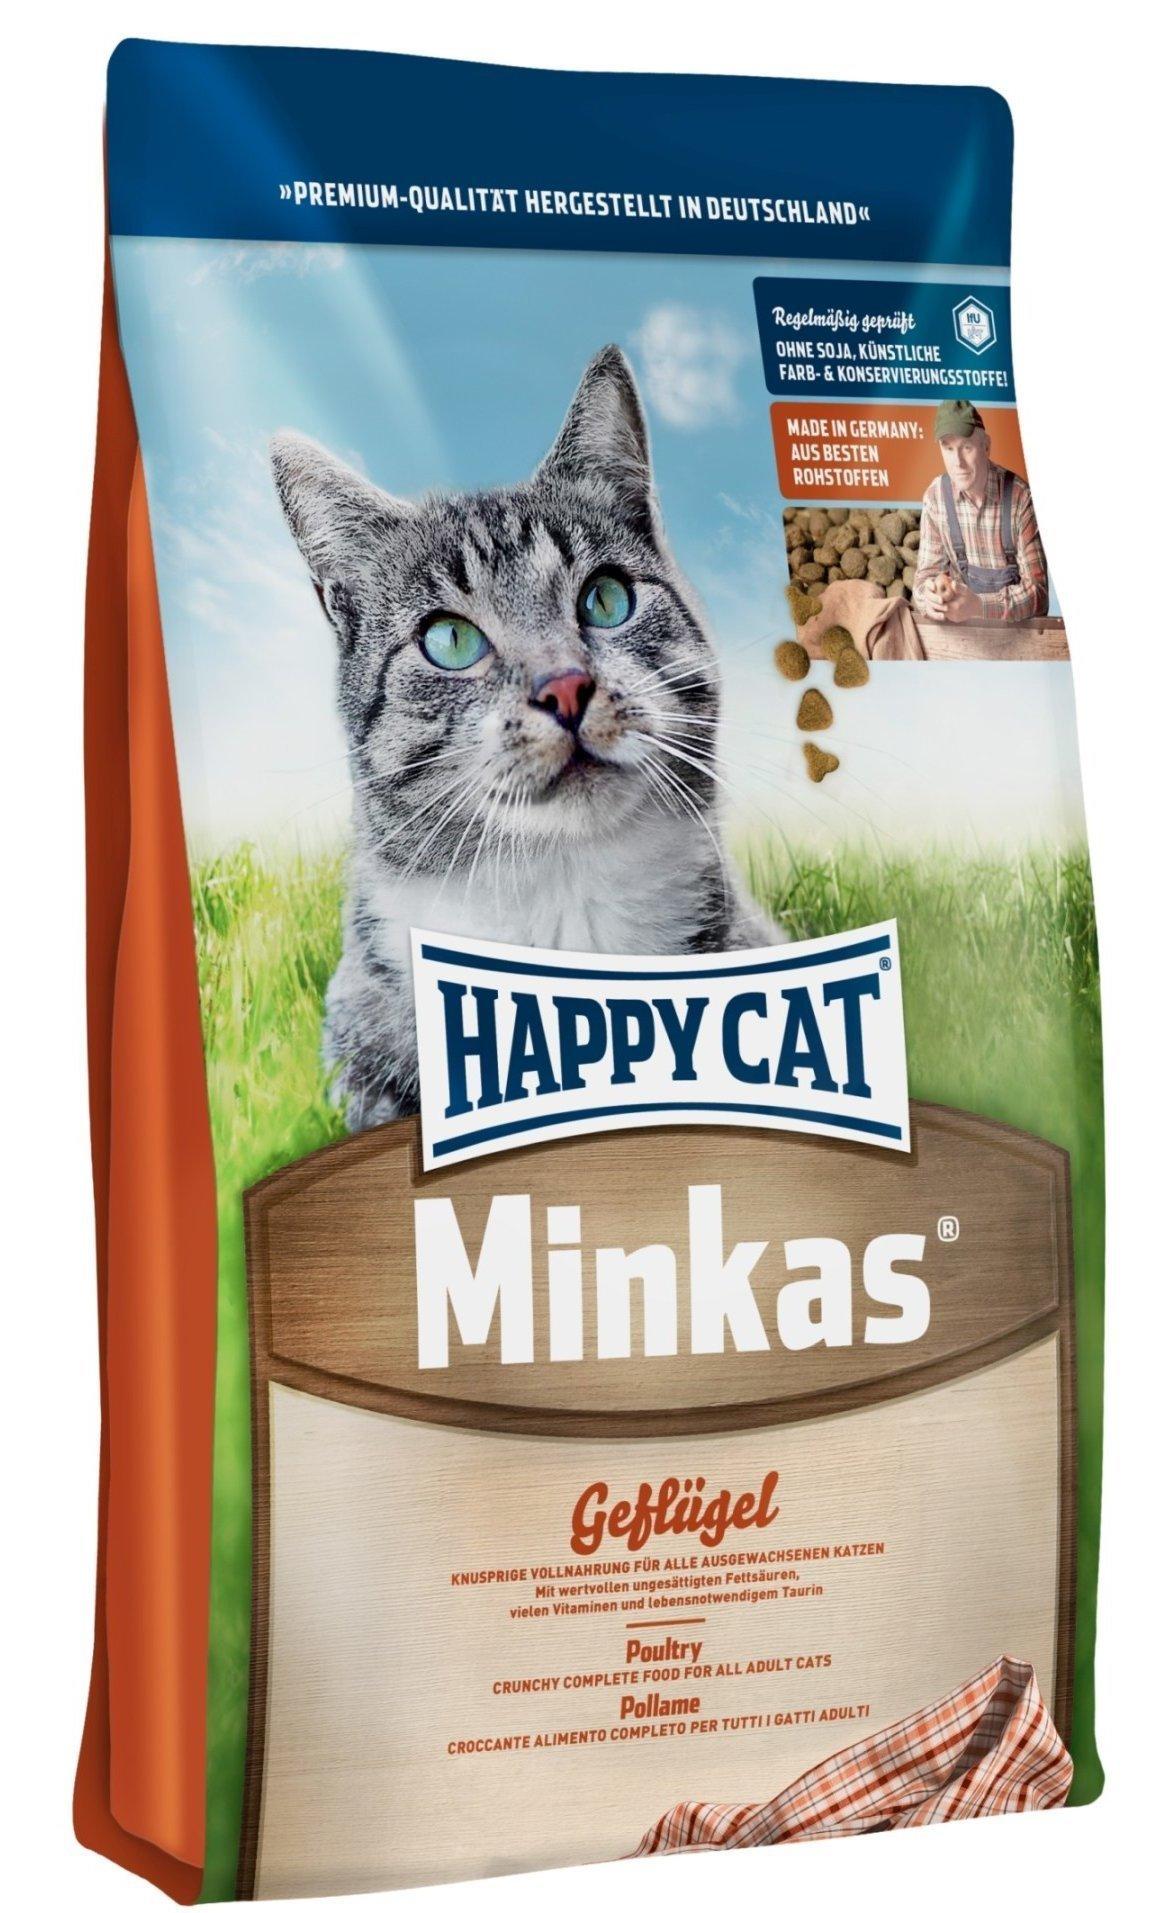 Happy Cat Развесной товар! Happy Cat Minkas с птицей Happy_Cat_Minkas_с_птицей.jpg